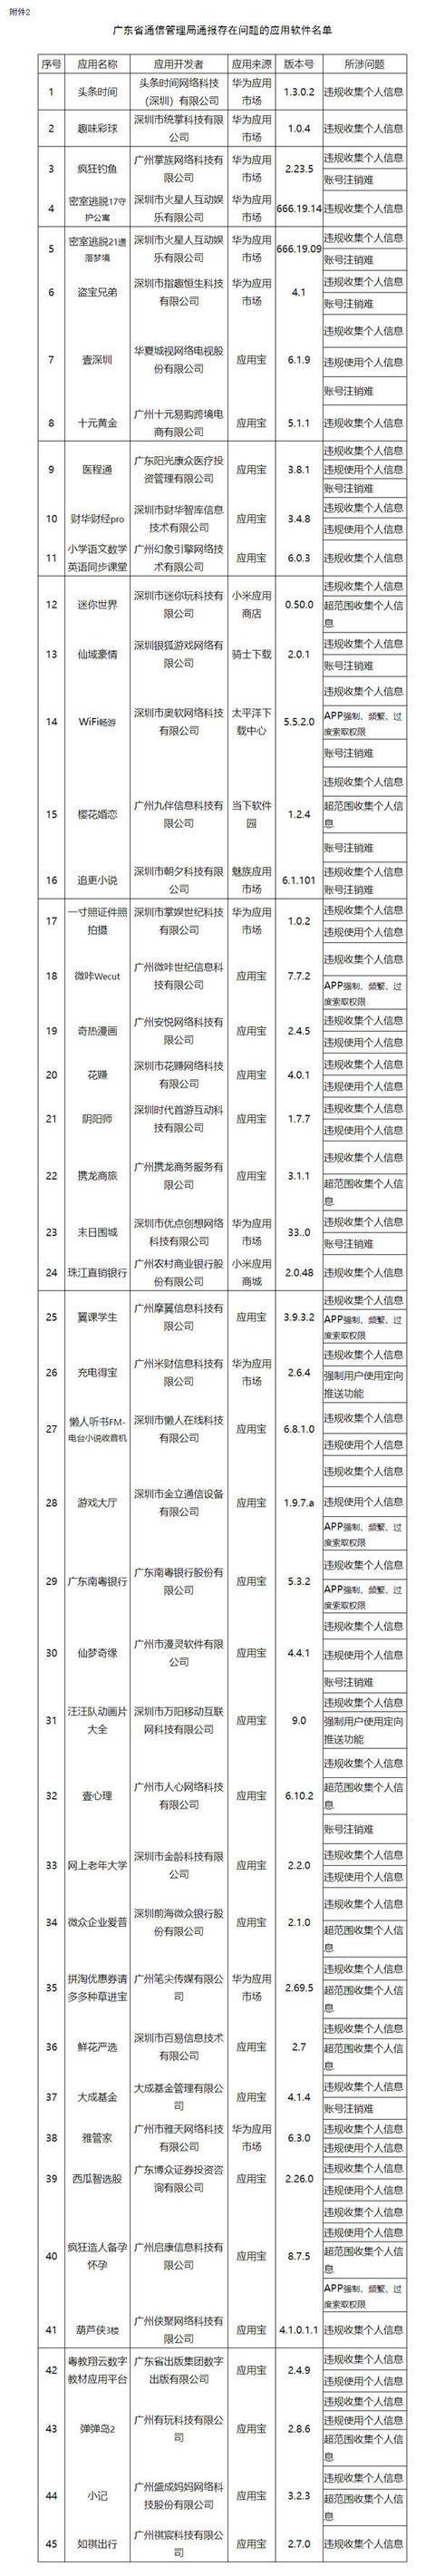 007球探足球比分网广东省通信打点局查抄发明仍有45款APP未完成整改